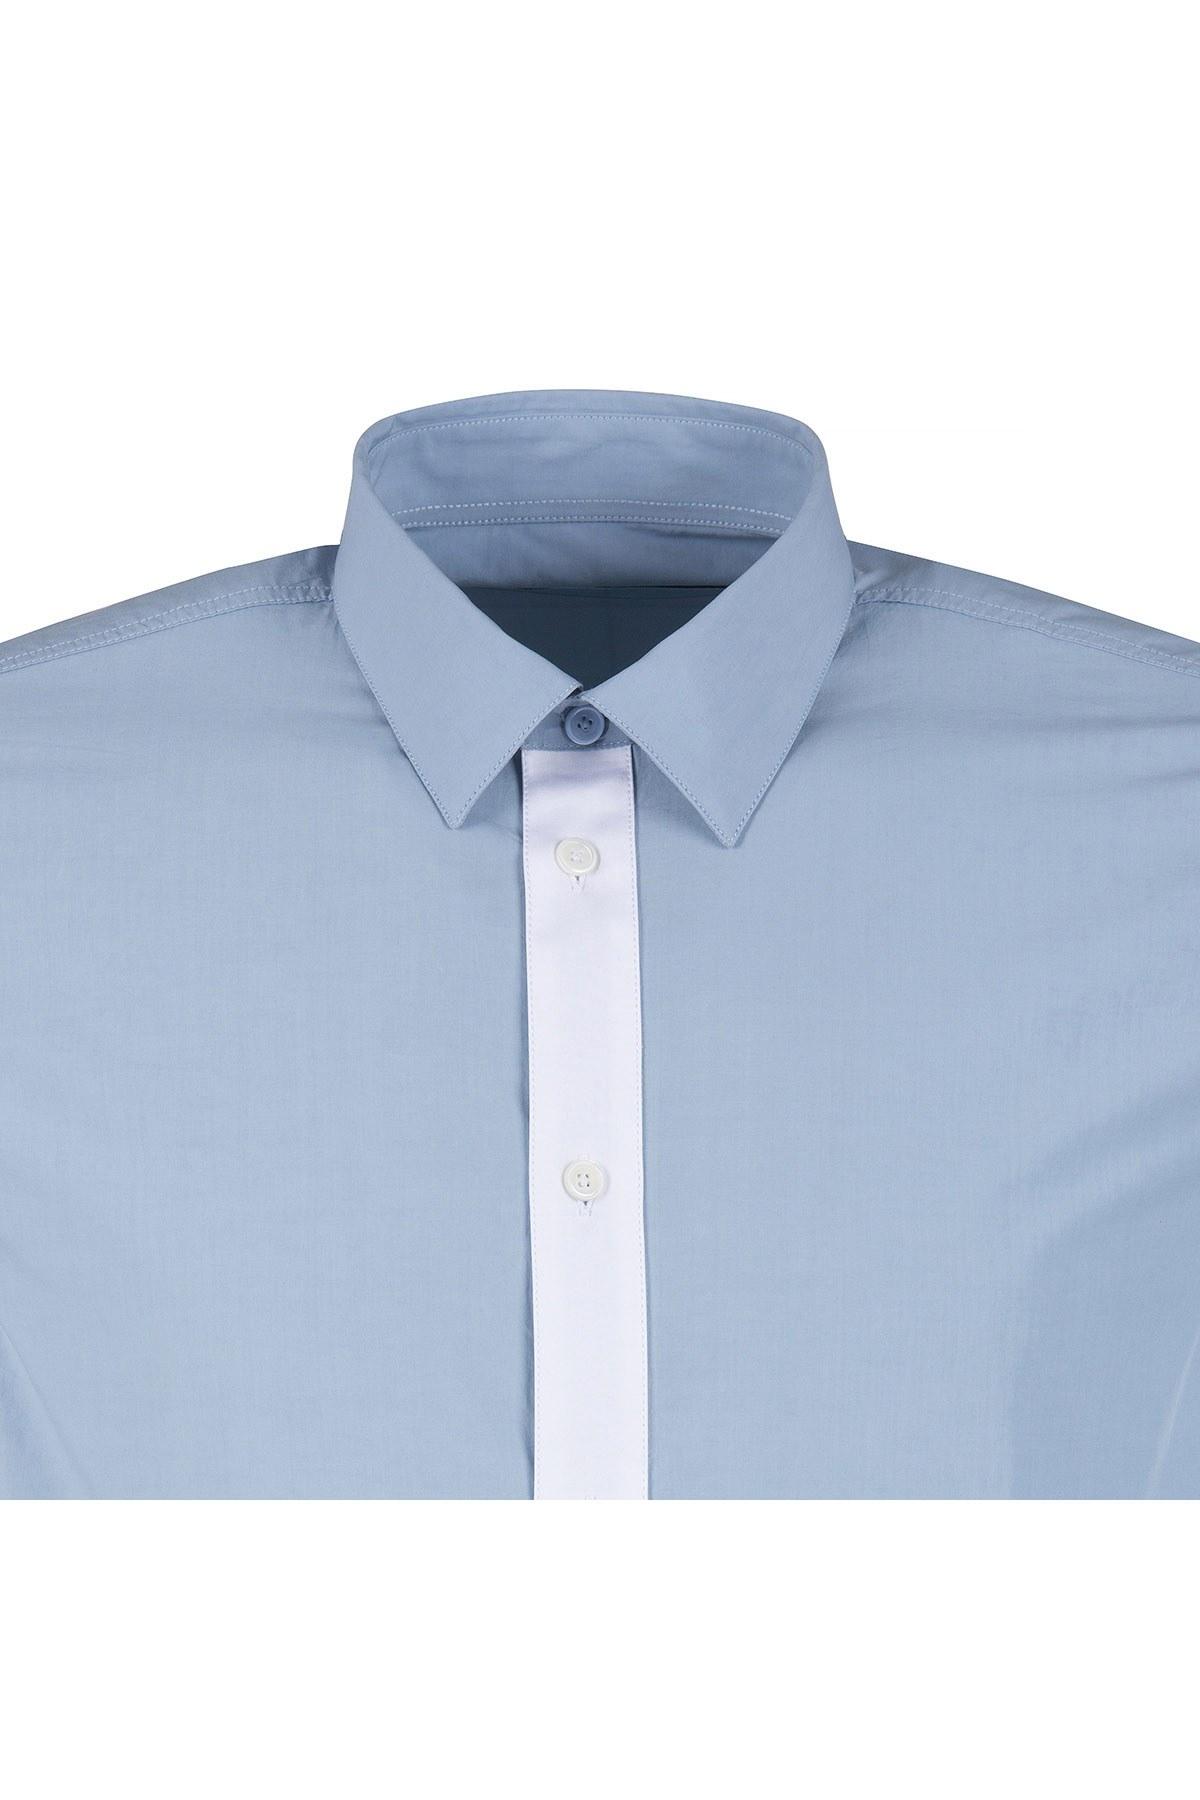 GIVENCHY Erkek Gömlek BM603A109G 452 MAVİ